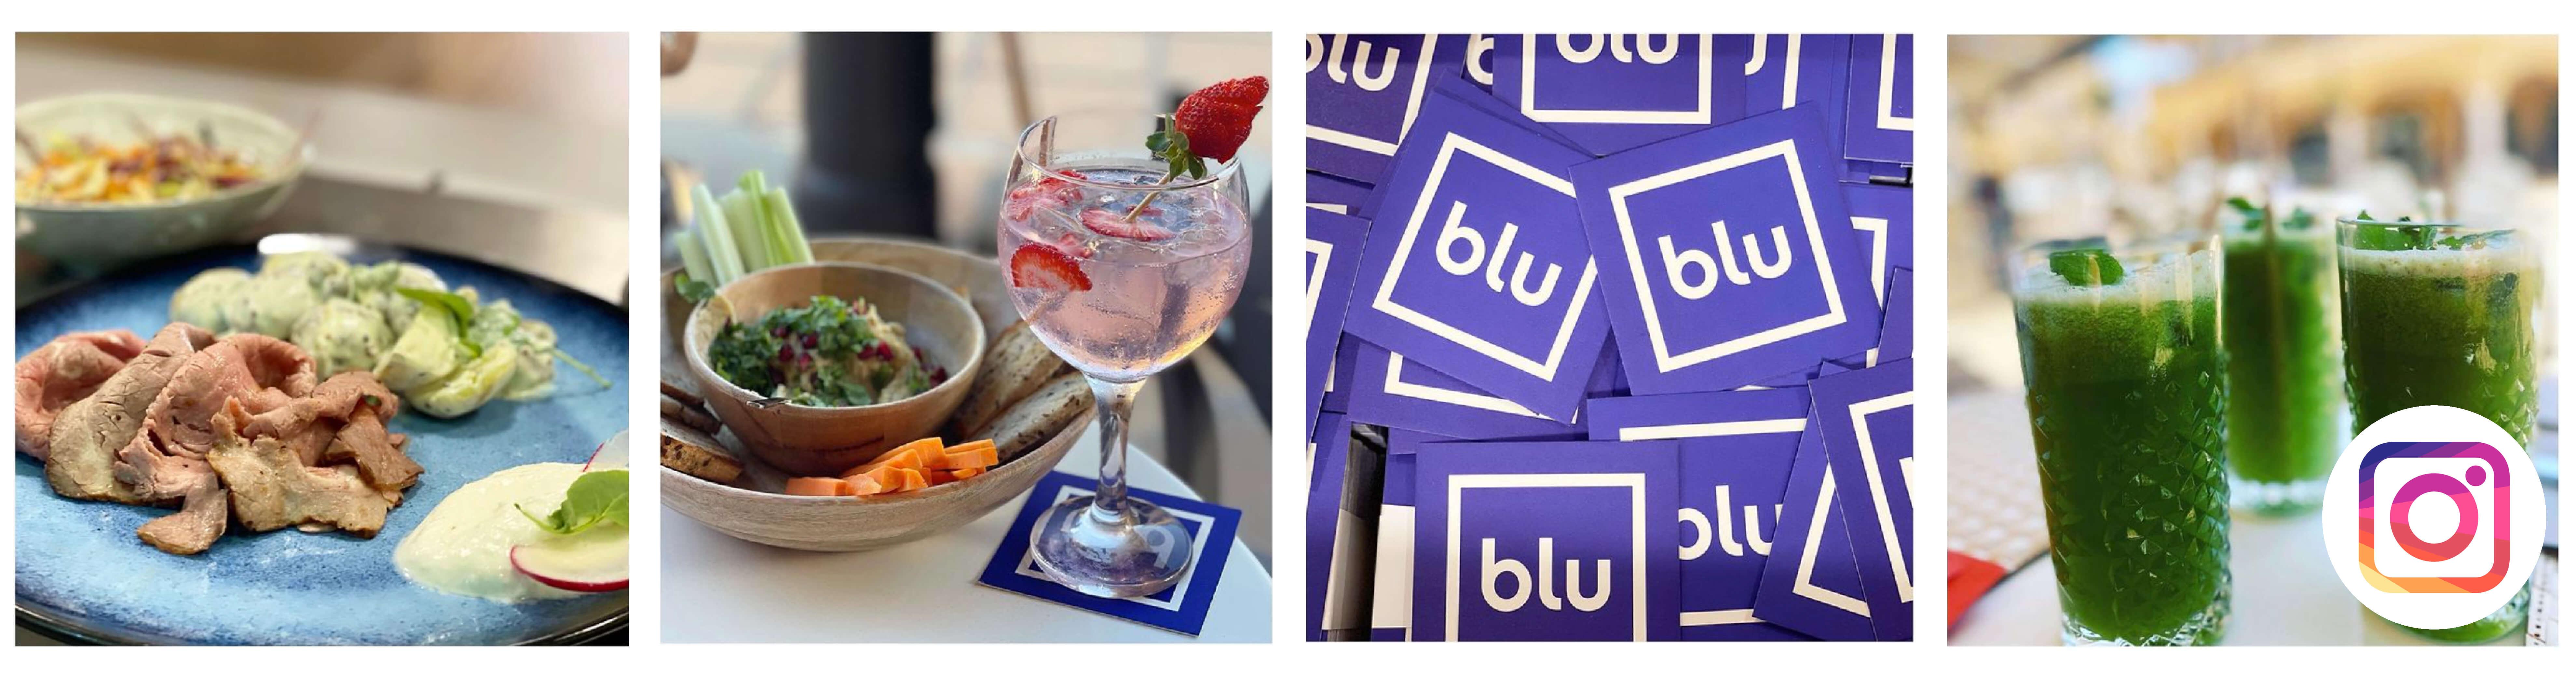 Blu Café Quinta do Lago Algarve